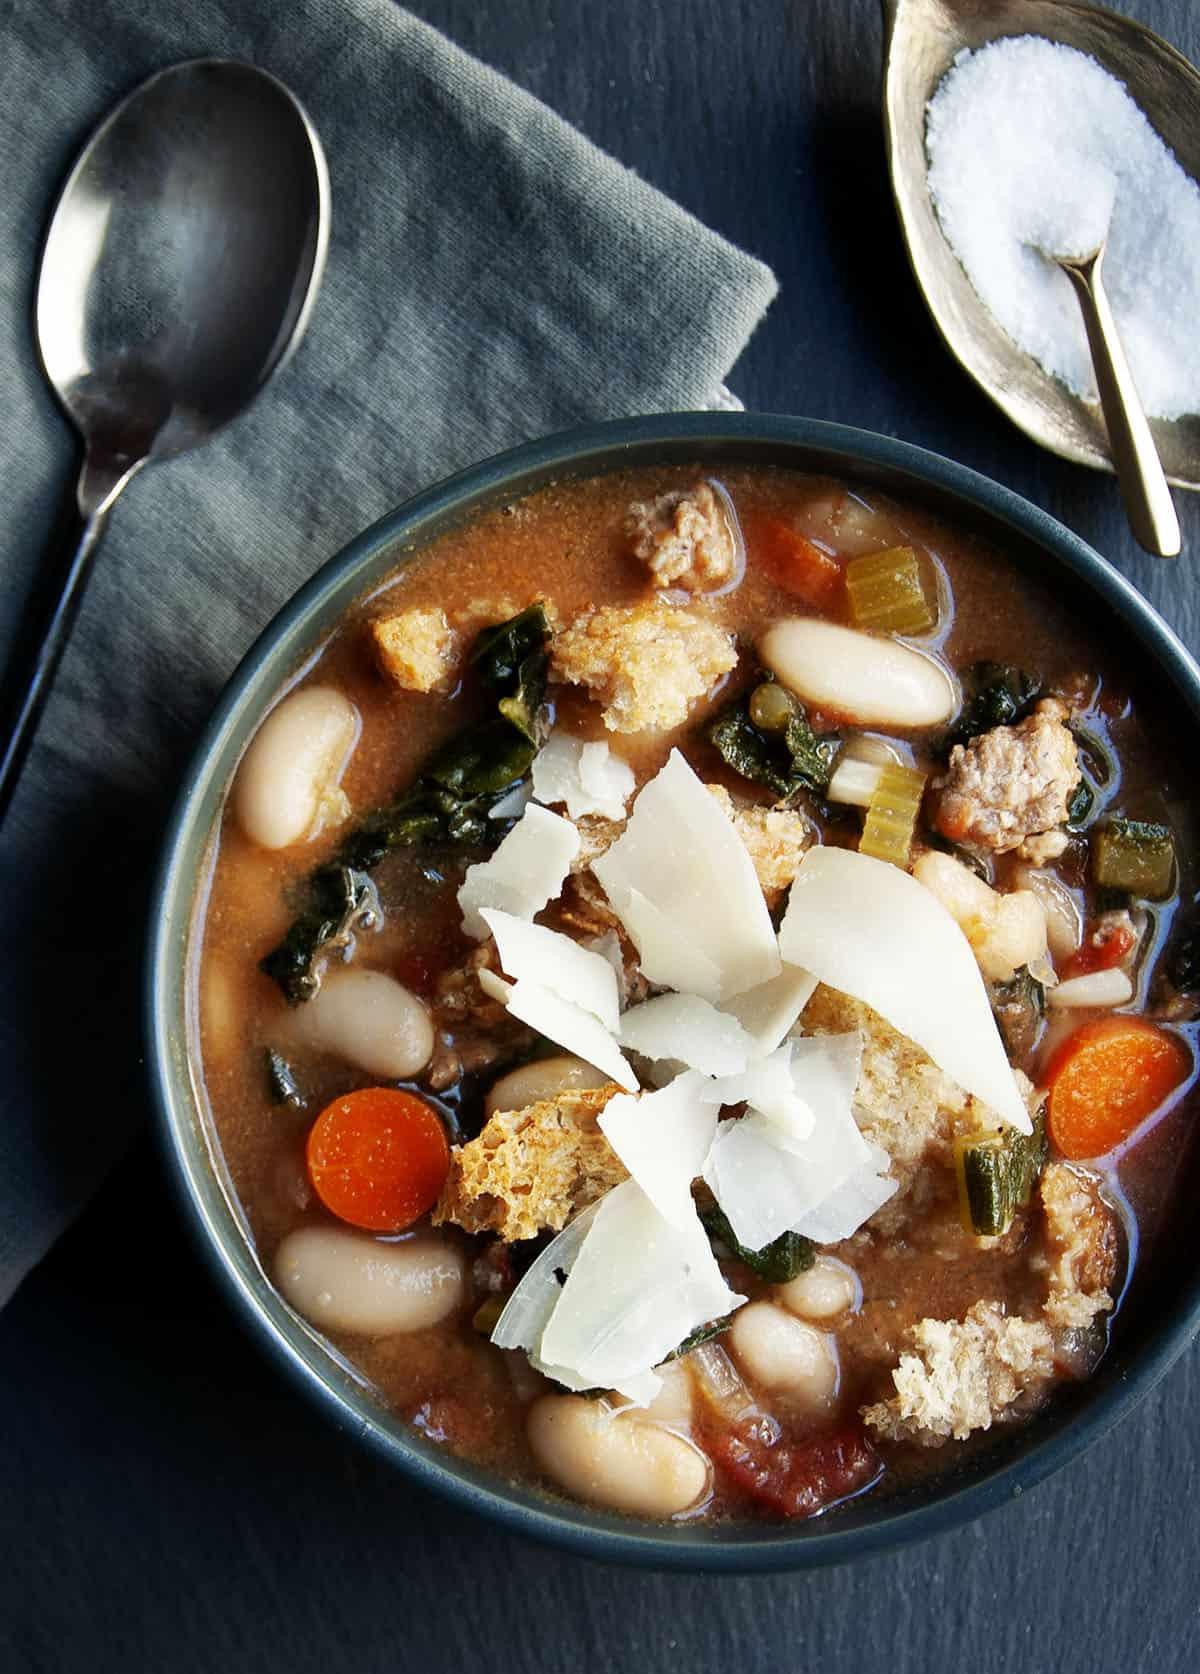 ribollita soup served a black bowl